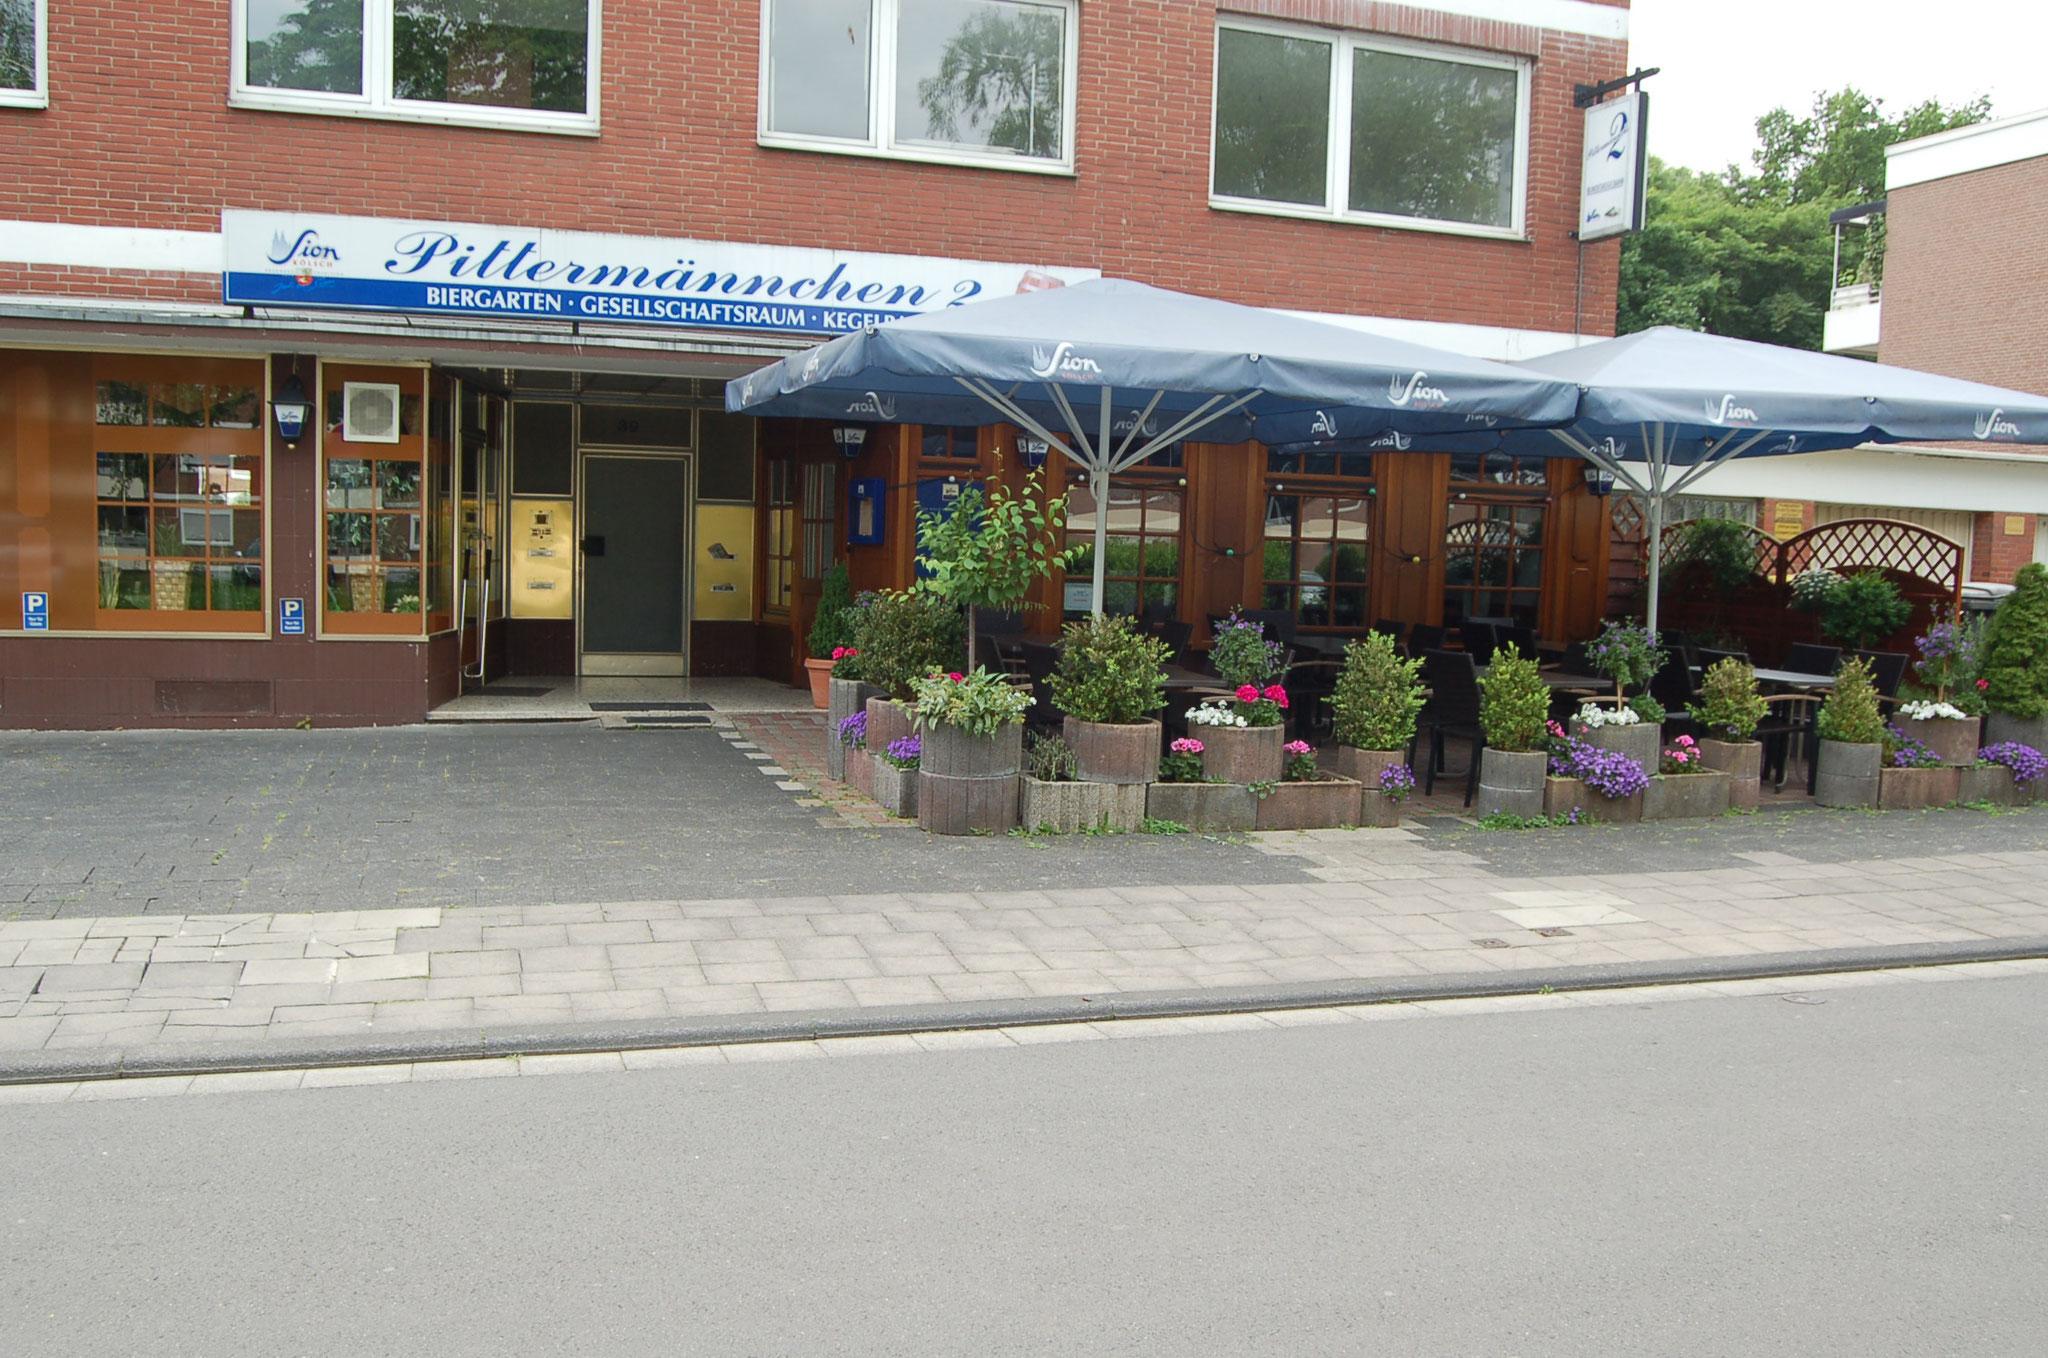 Pittermännchen Bergheim